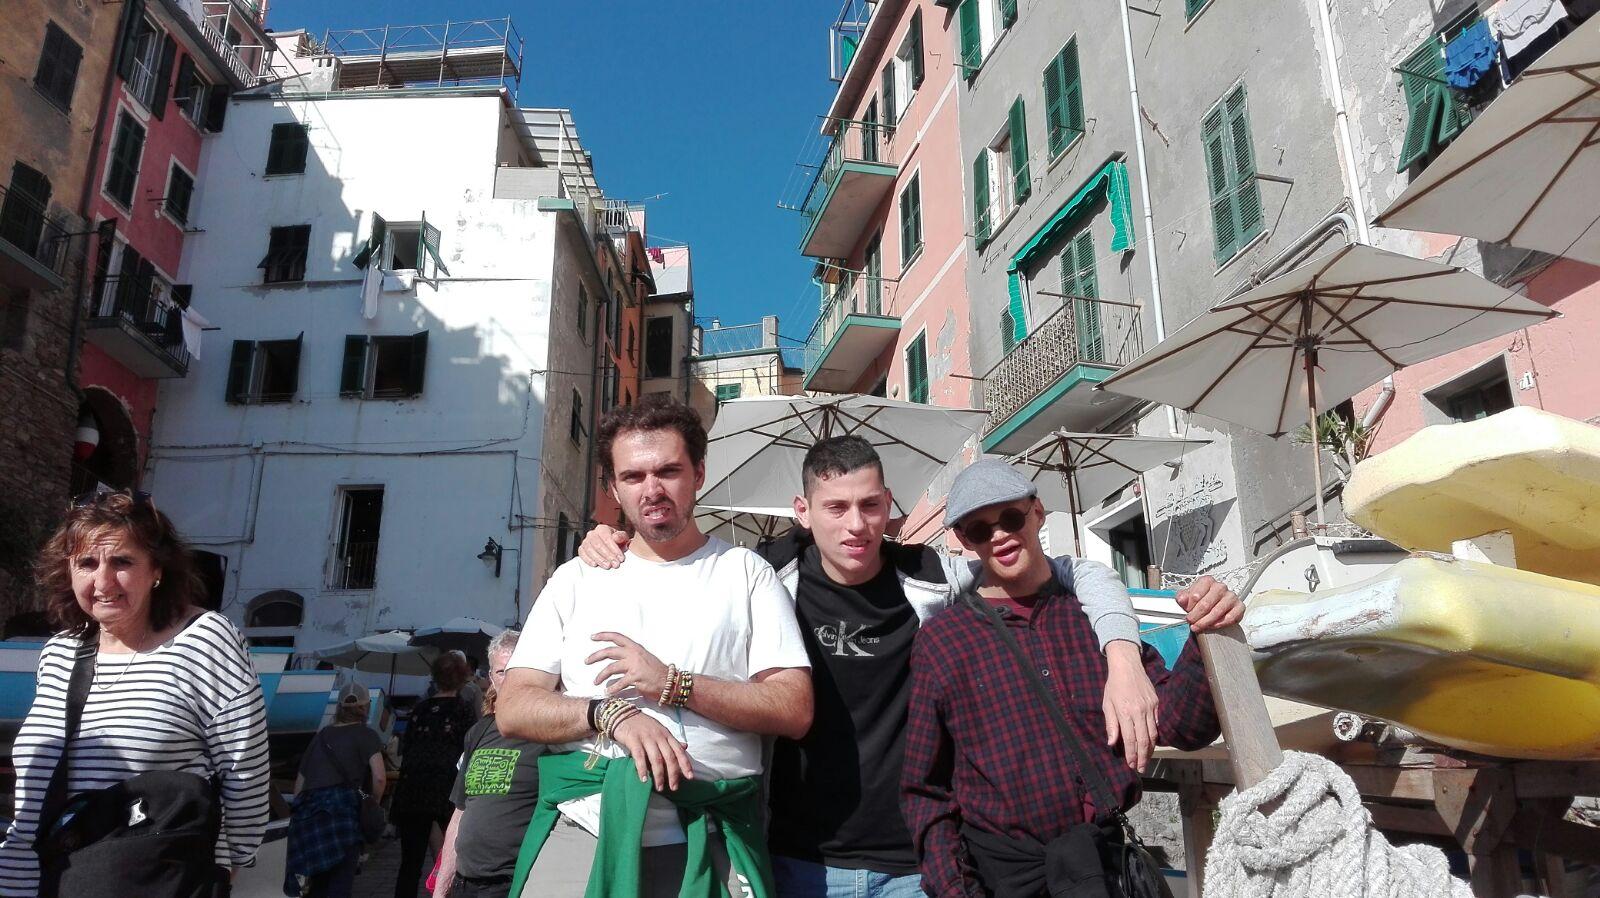 Progetto Il Muretto - Gita a Riomaggiore 02